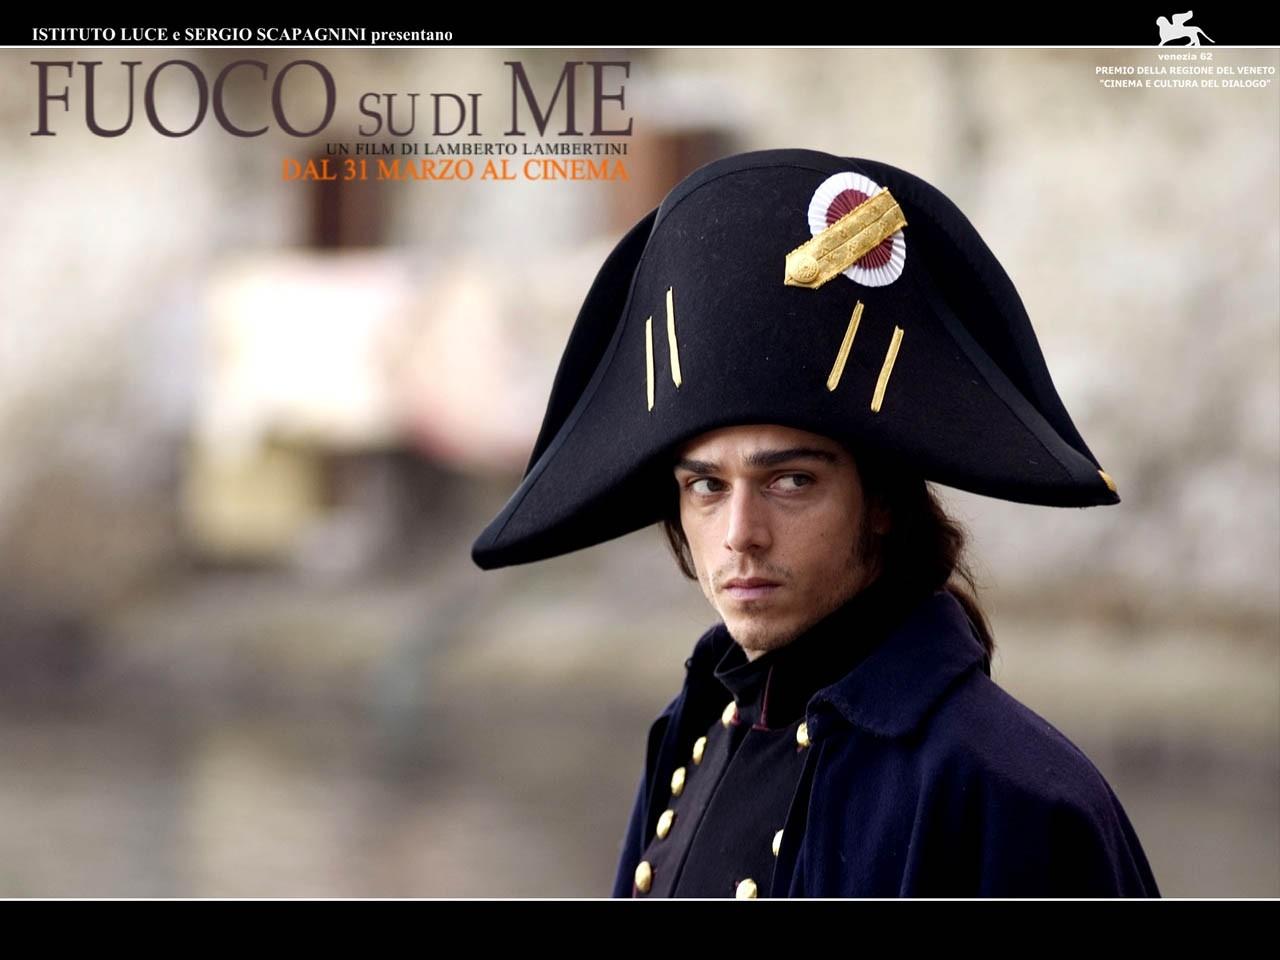 Wallpaper del film Fuoco su di me con Massimiliano Varrese